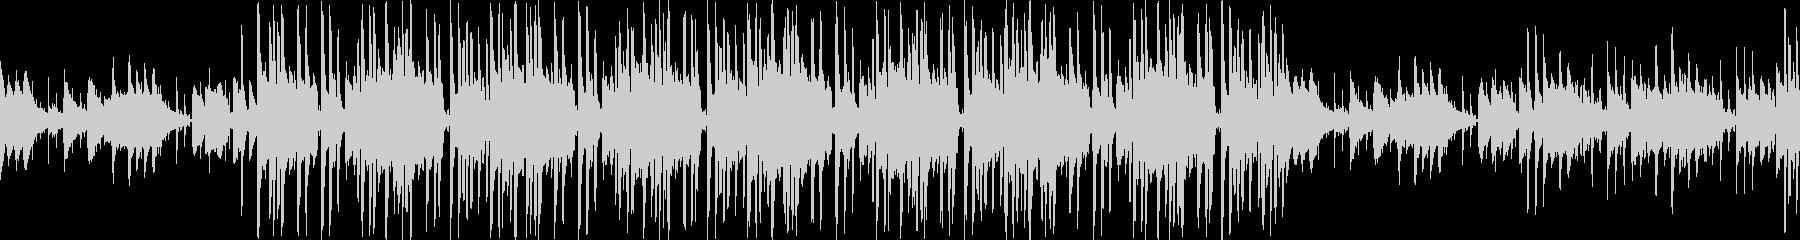 おしゃれなピアノのヒップホップ調ループの未再生の波形